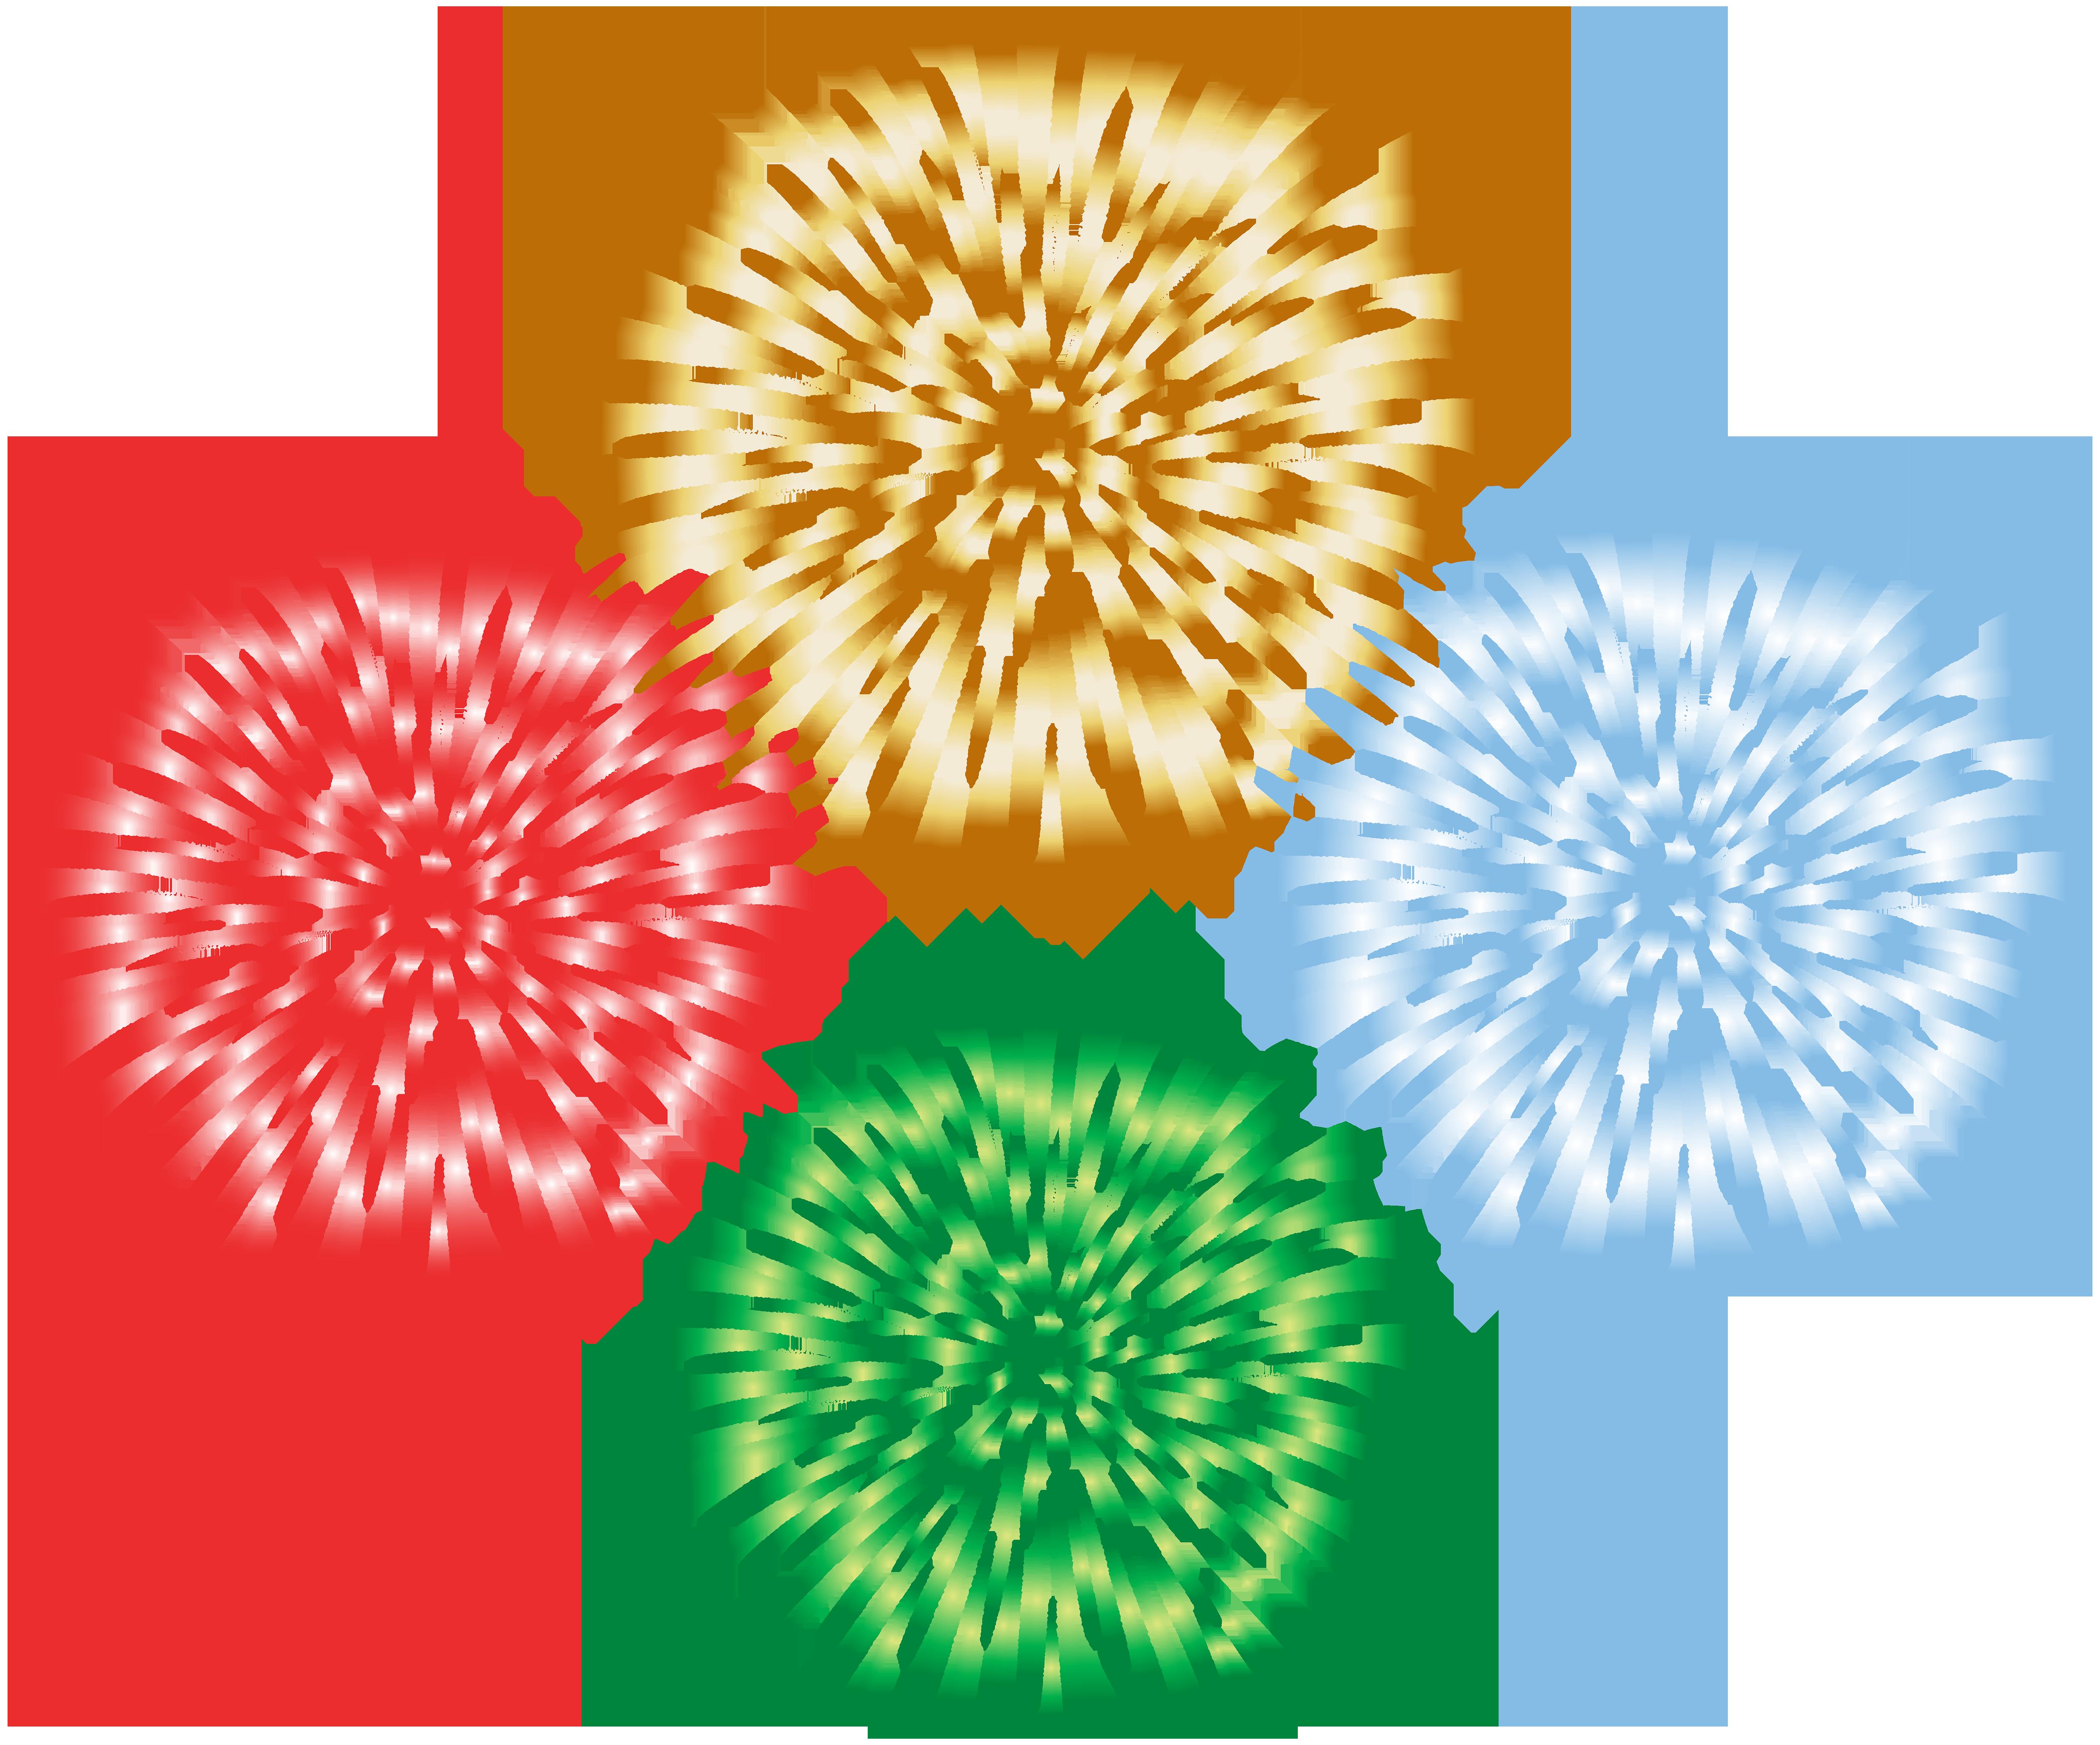 Fireworks Transparent Clip Art Image.